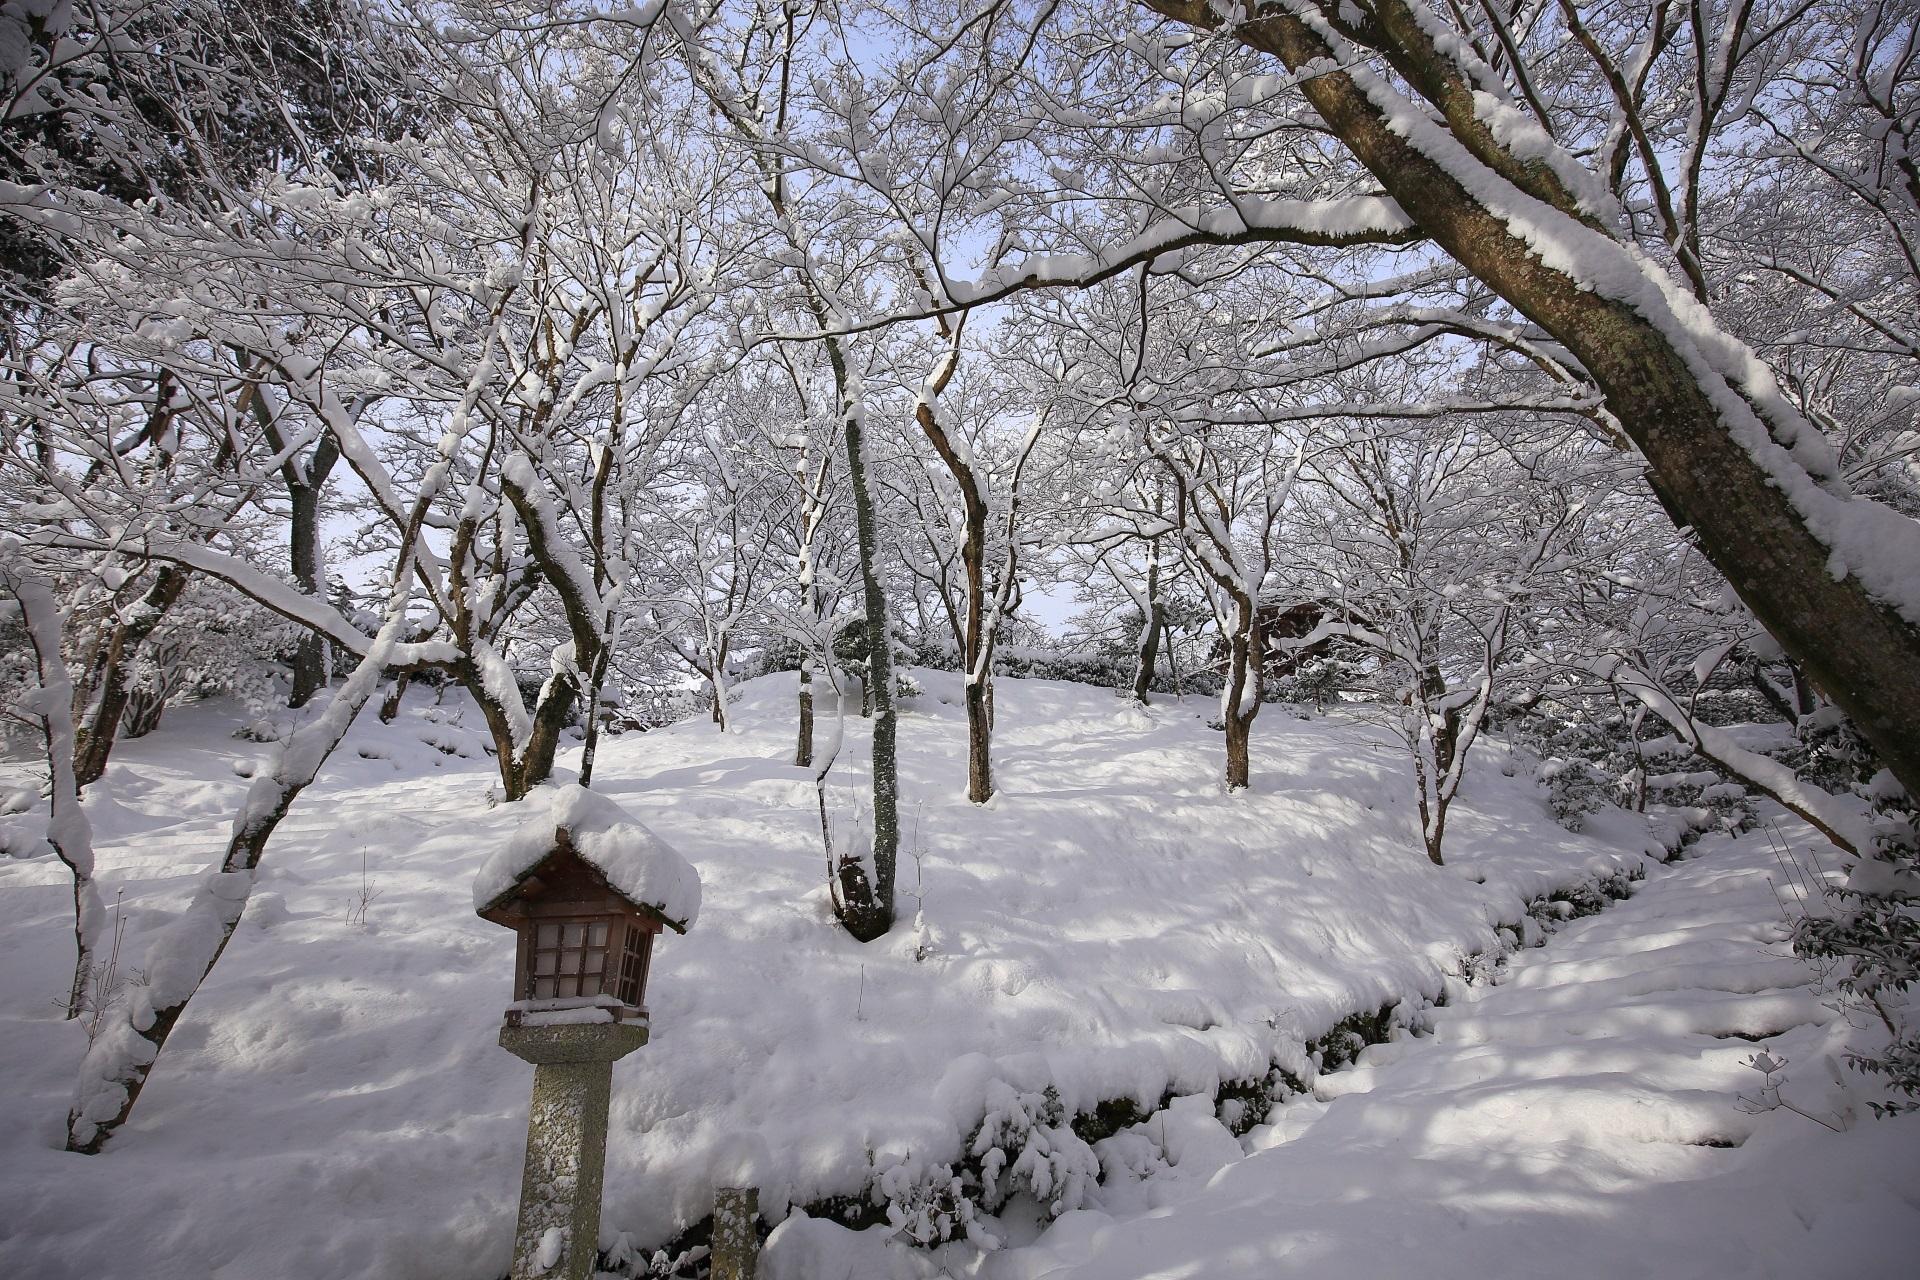 常寂光寺の末吉坂の真っ白な雪景色